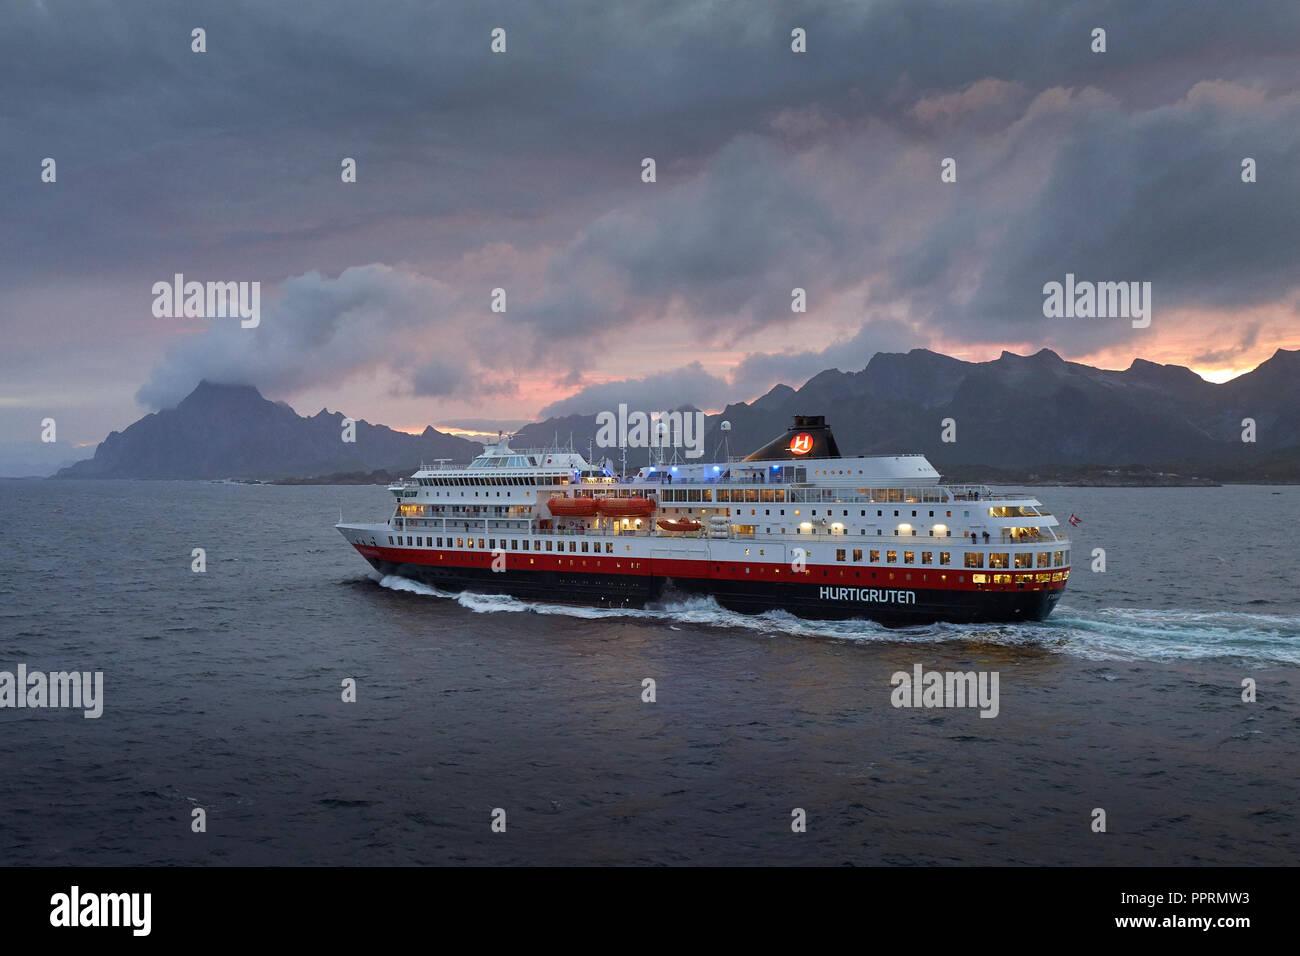 El ferry Hurtigruten, MS FINNMARKEN, navegando hacia el sur desde Svolvær. Las espectaculares montañas de las islas Lofoten y el Sol de medianoche detrás de Noruega. Foto de stock